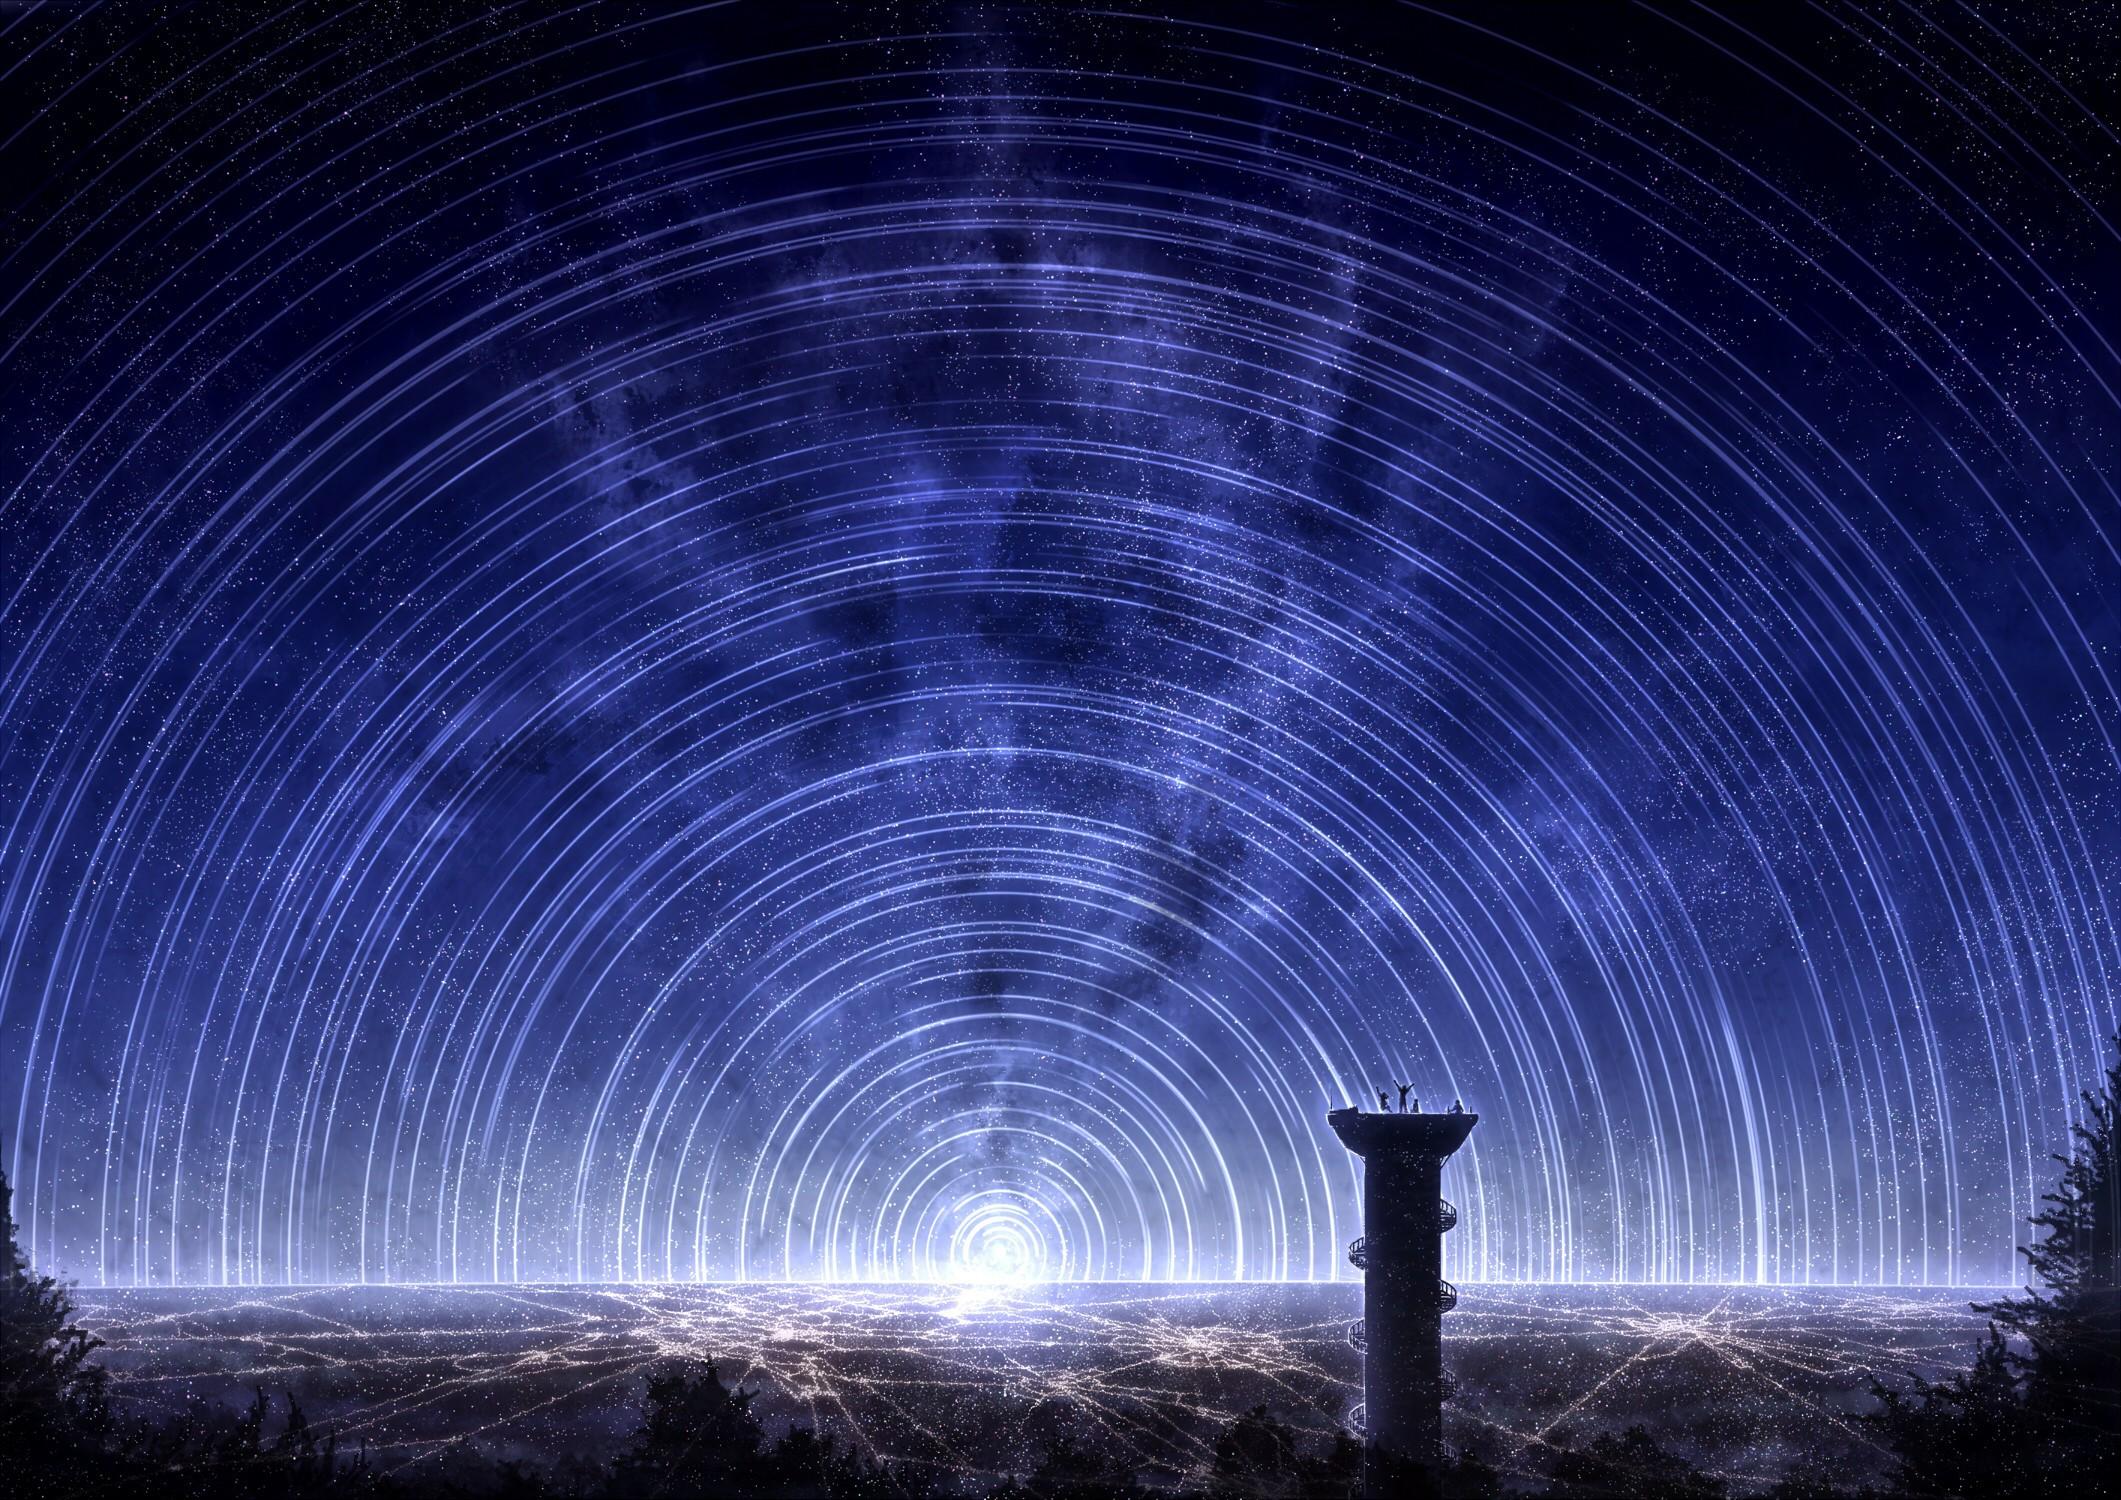 Wonderful Wallpaper Night Fantasy - wallls  Trends-32290.jpg